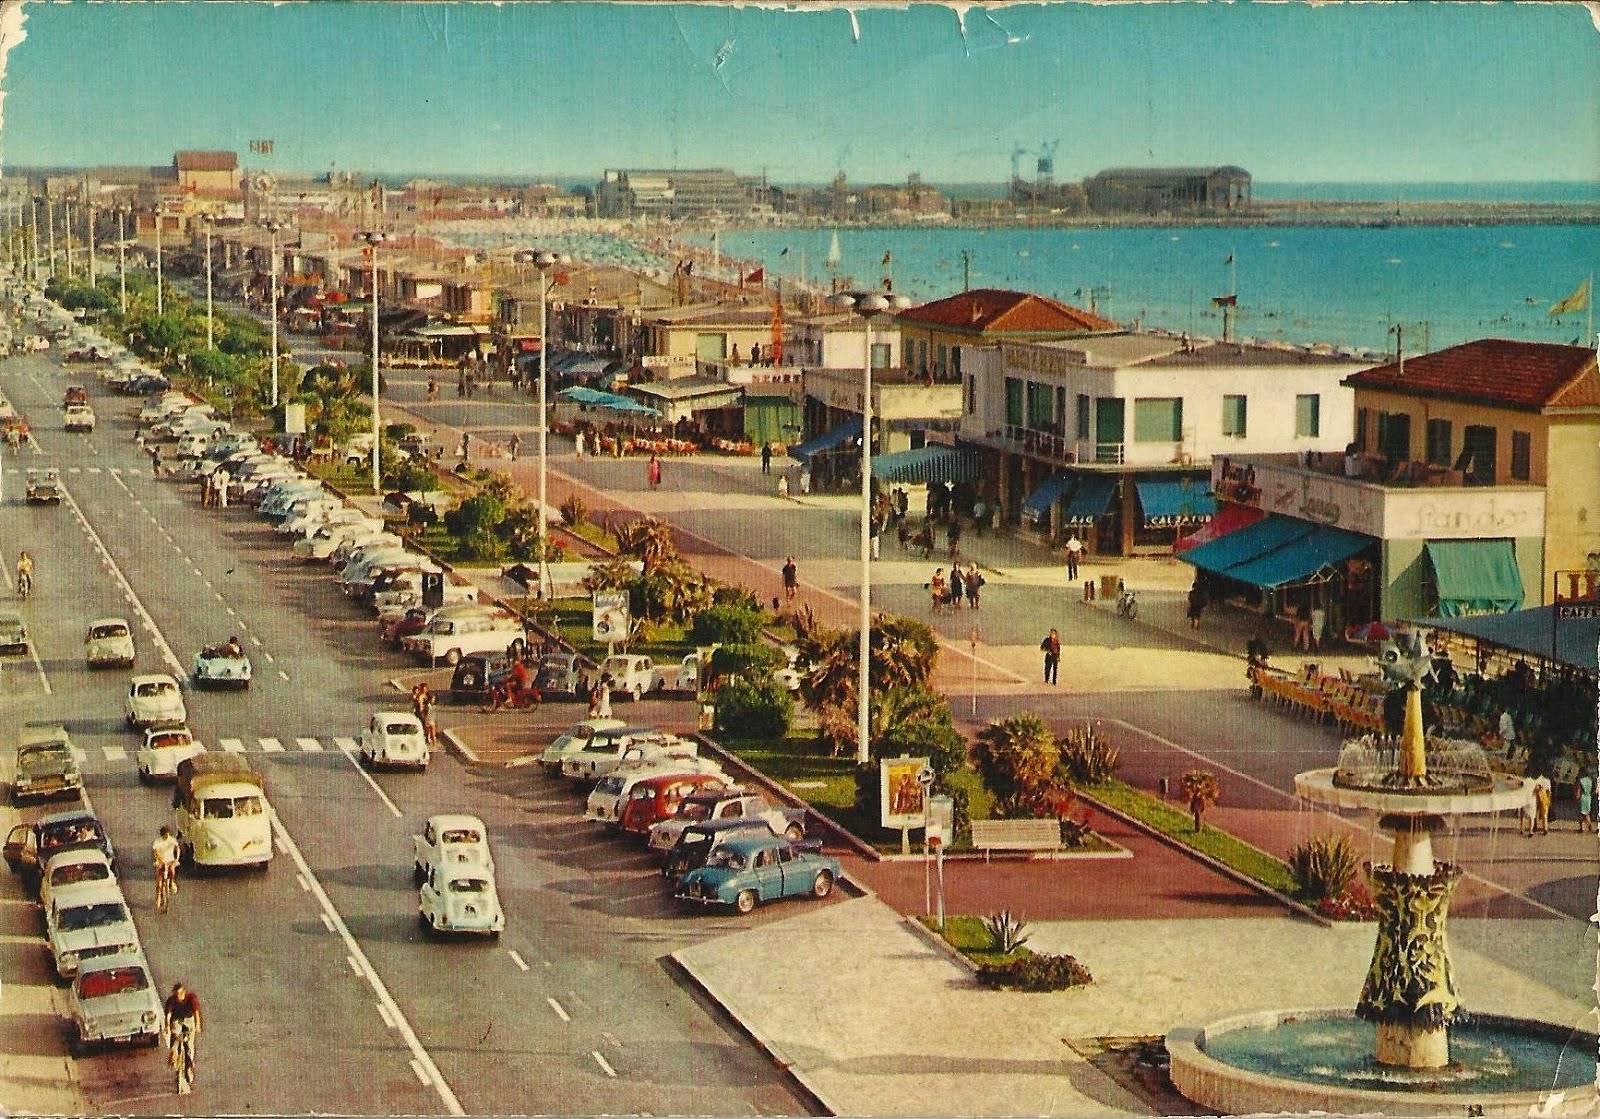 Un'immagine del Lungomare viareggino in pieno boom economico: sullo sfondo, i cantieri della Darsena.